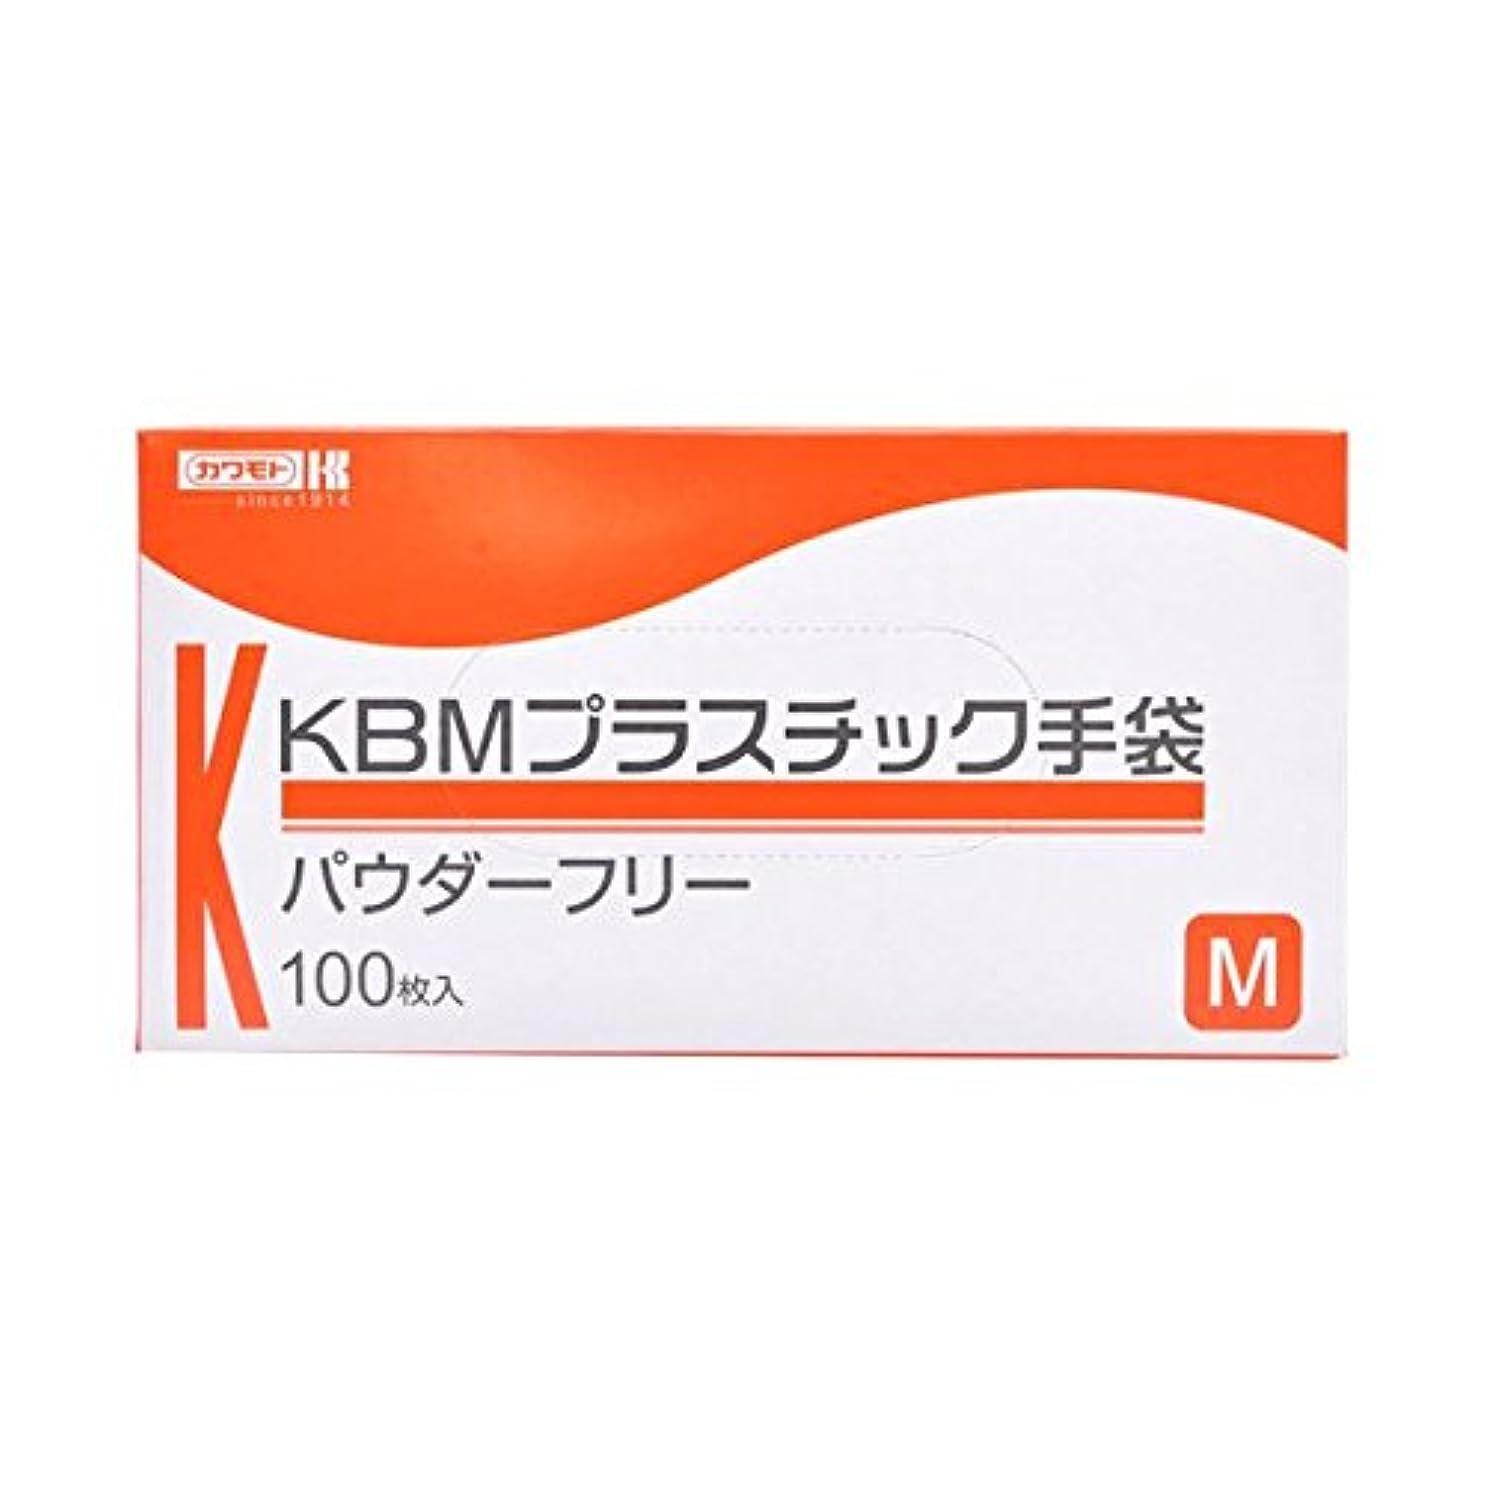 簡潔な相互接続遠え川本産業 KBMプラスチック手袋 パウダーフリー M 100枚入 ×3個